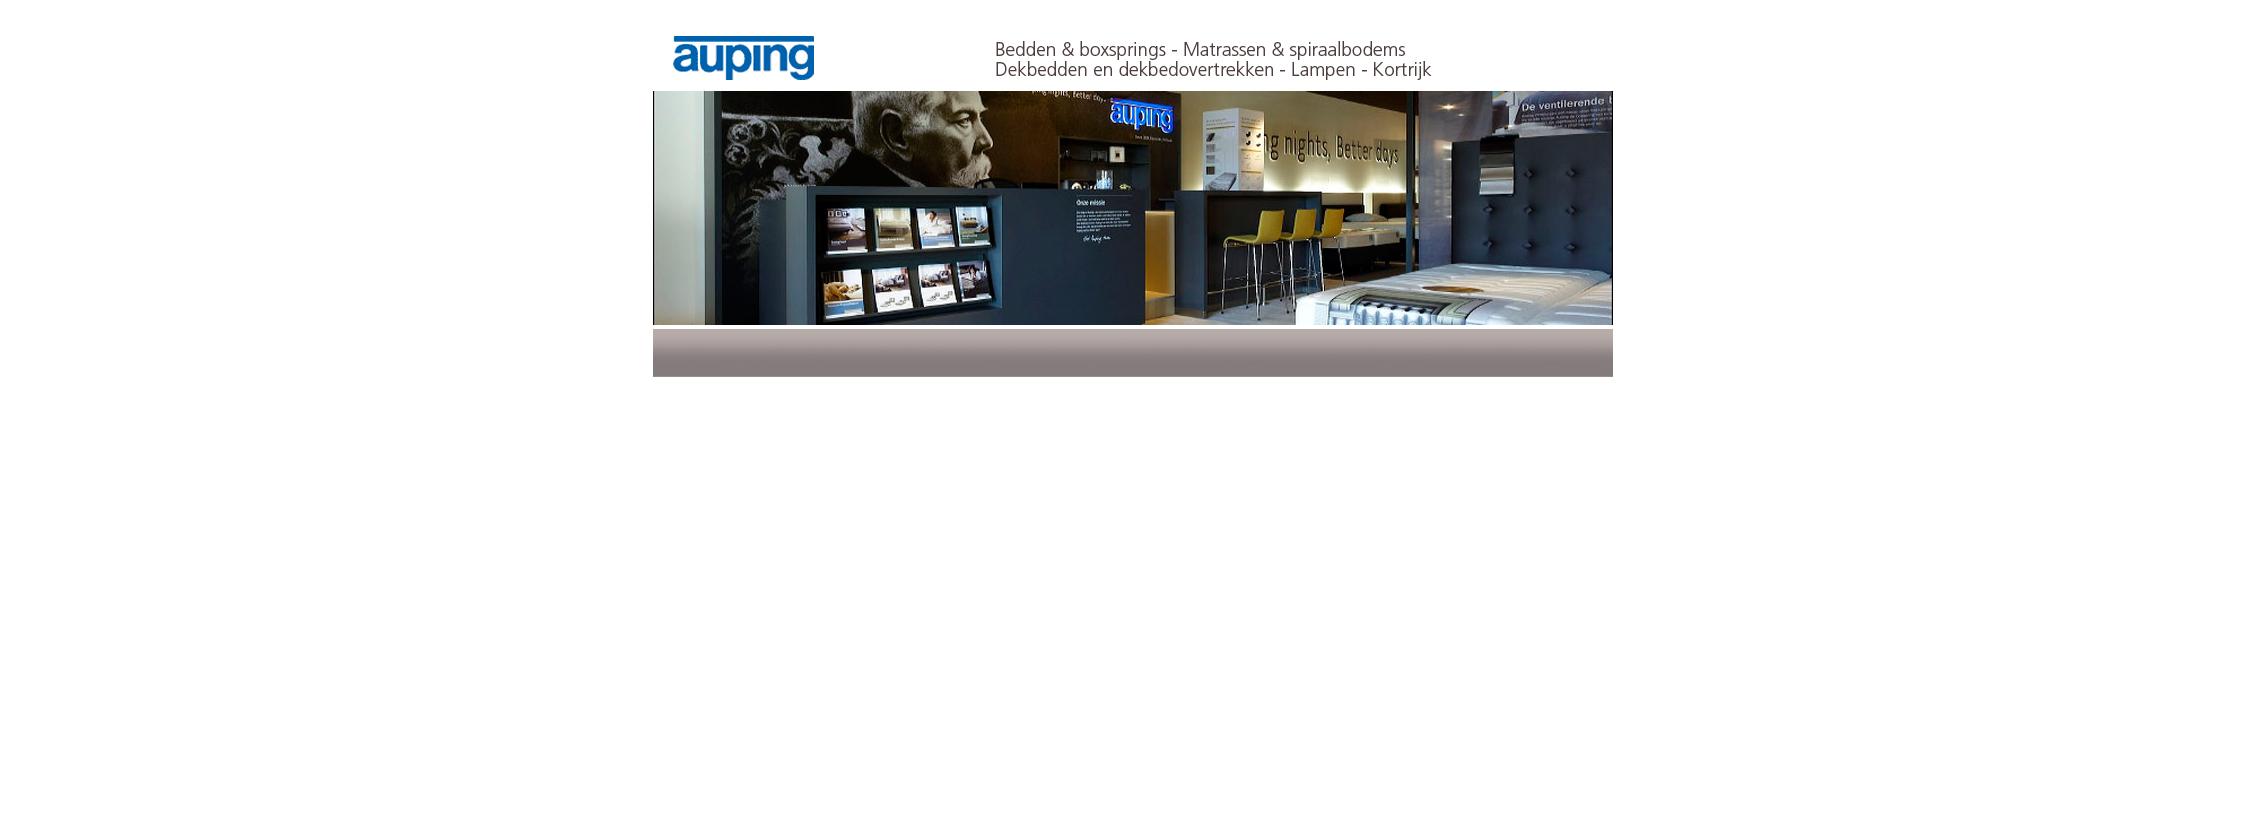 Lits & matelas - Dét. - Auping Plaza Kortrijk - 1